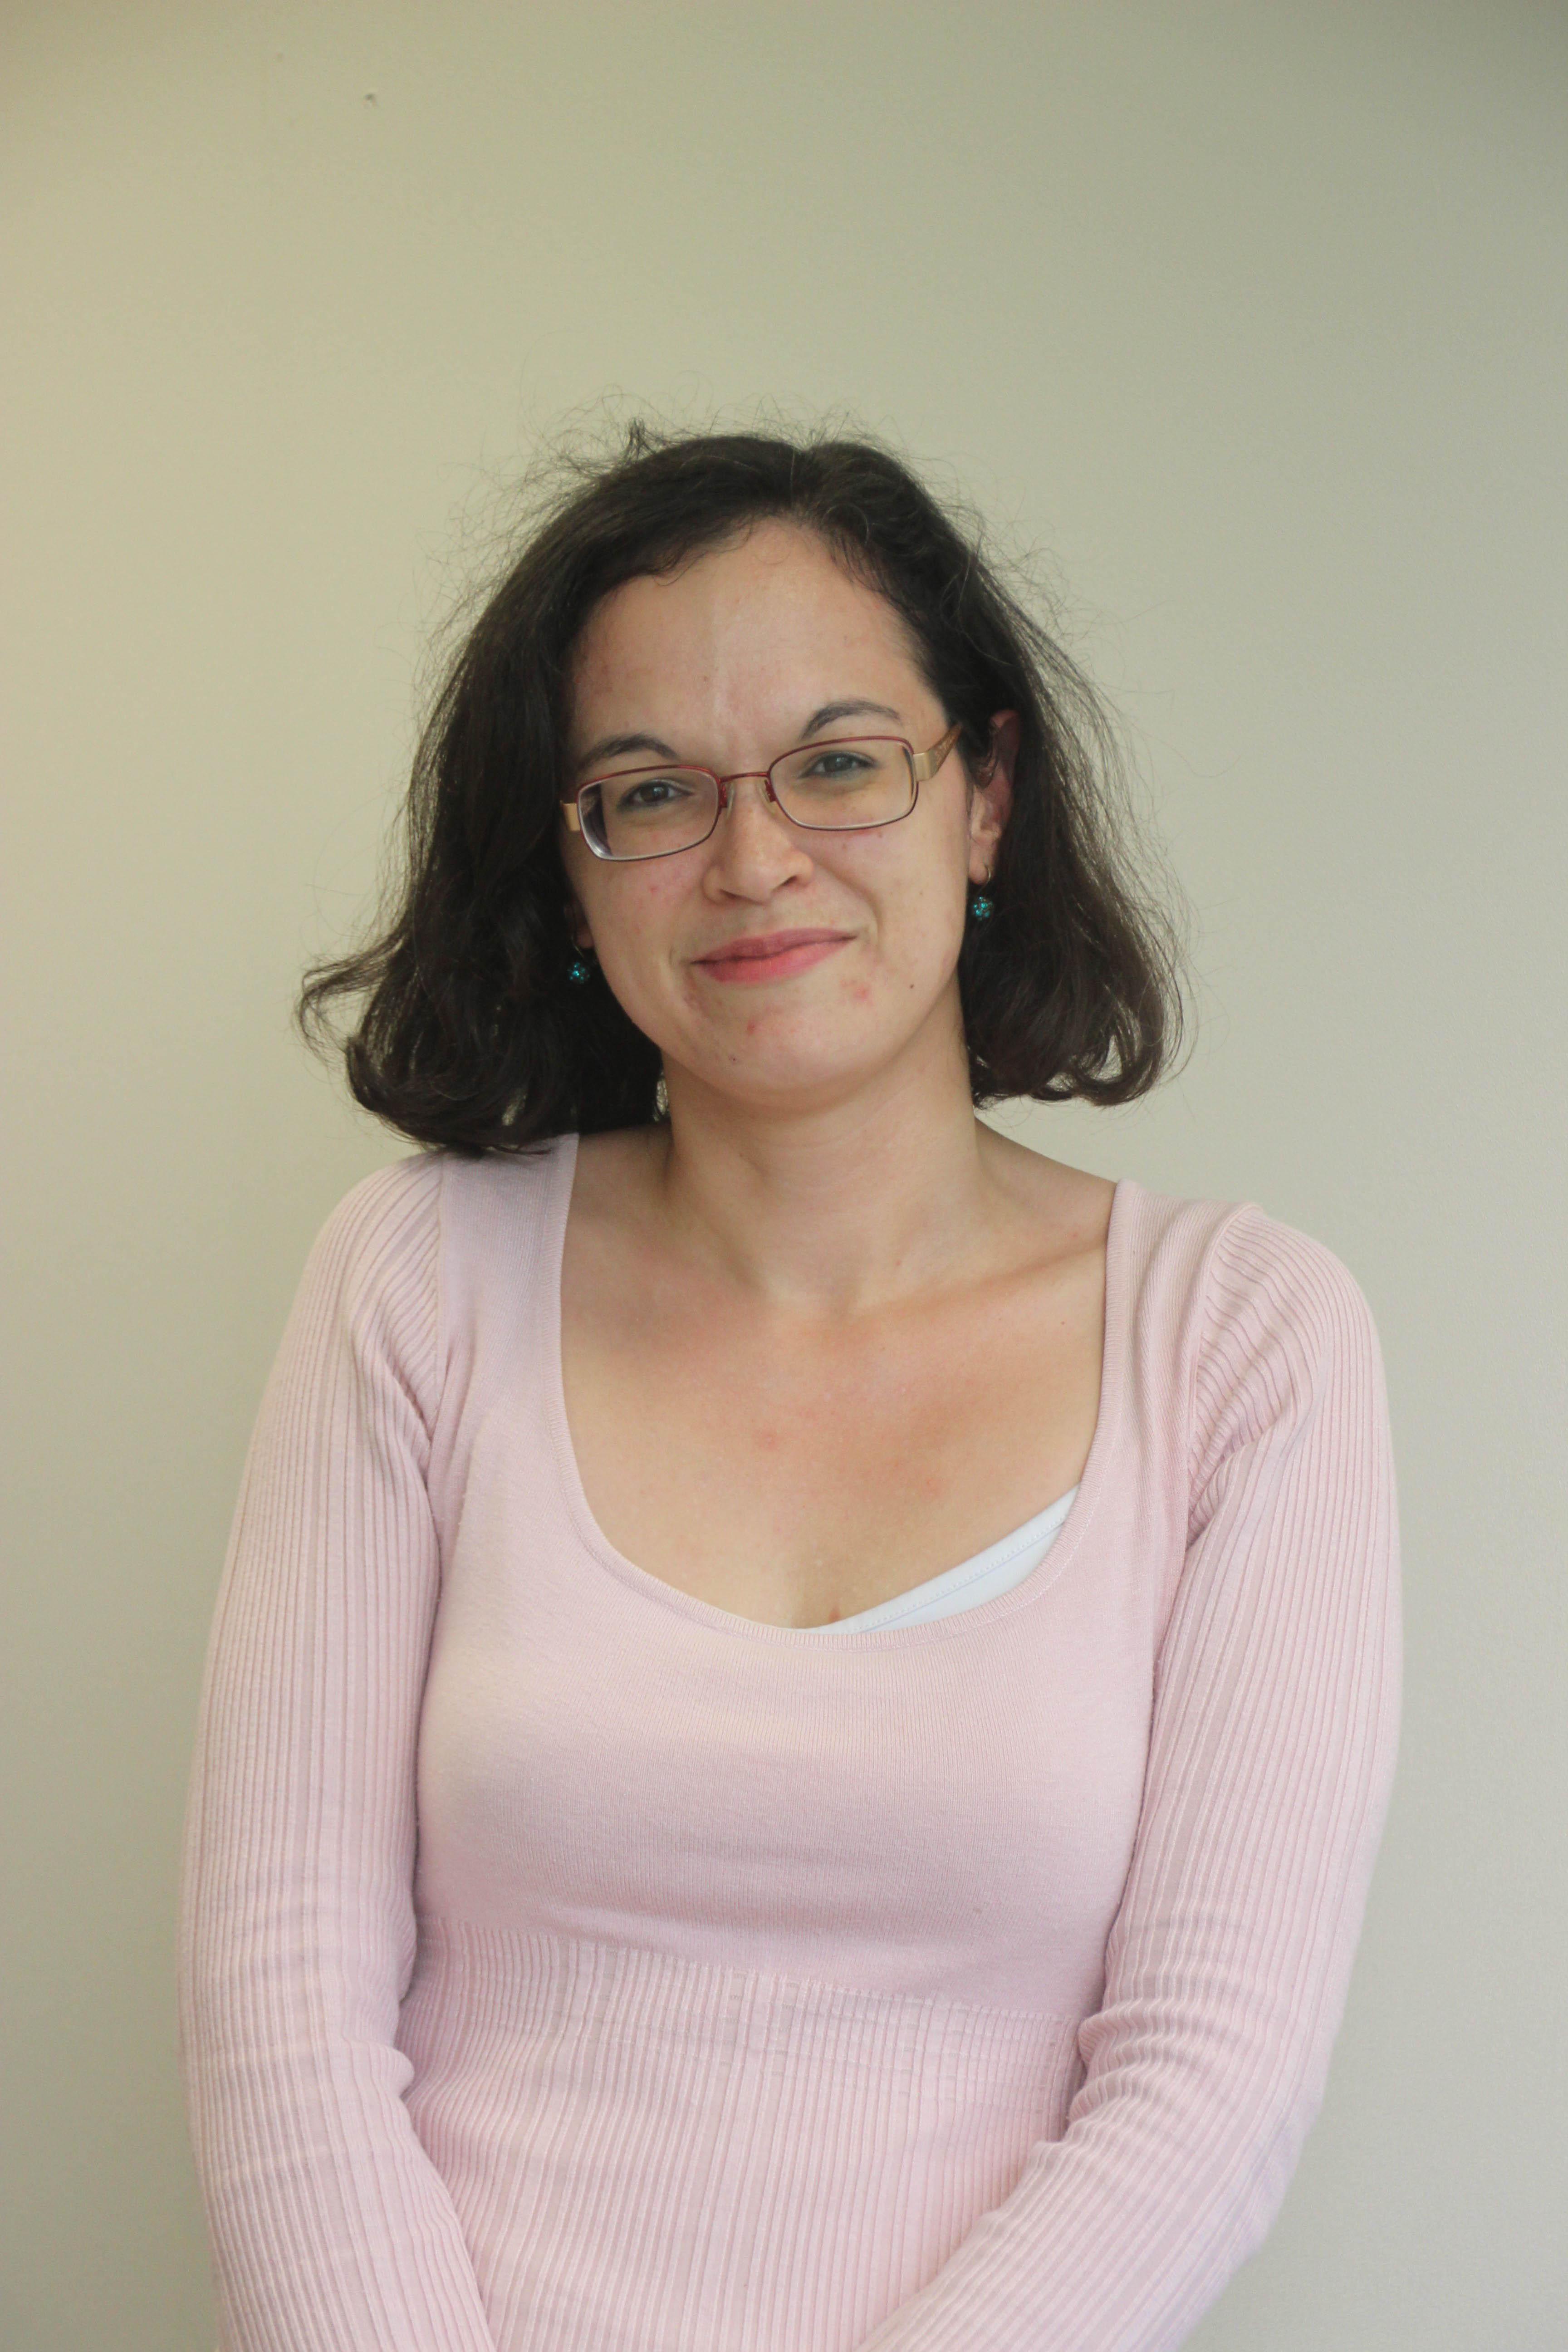 Marie-Cécile LEPAGE